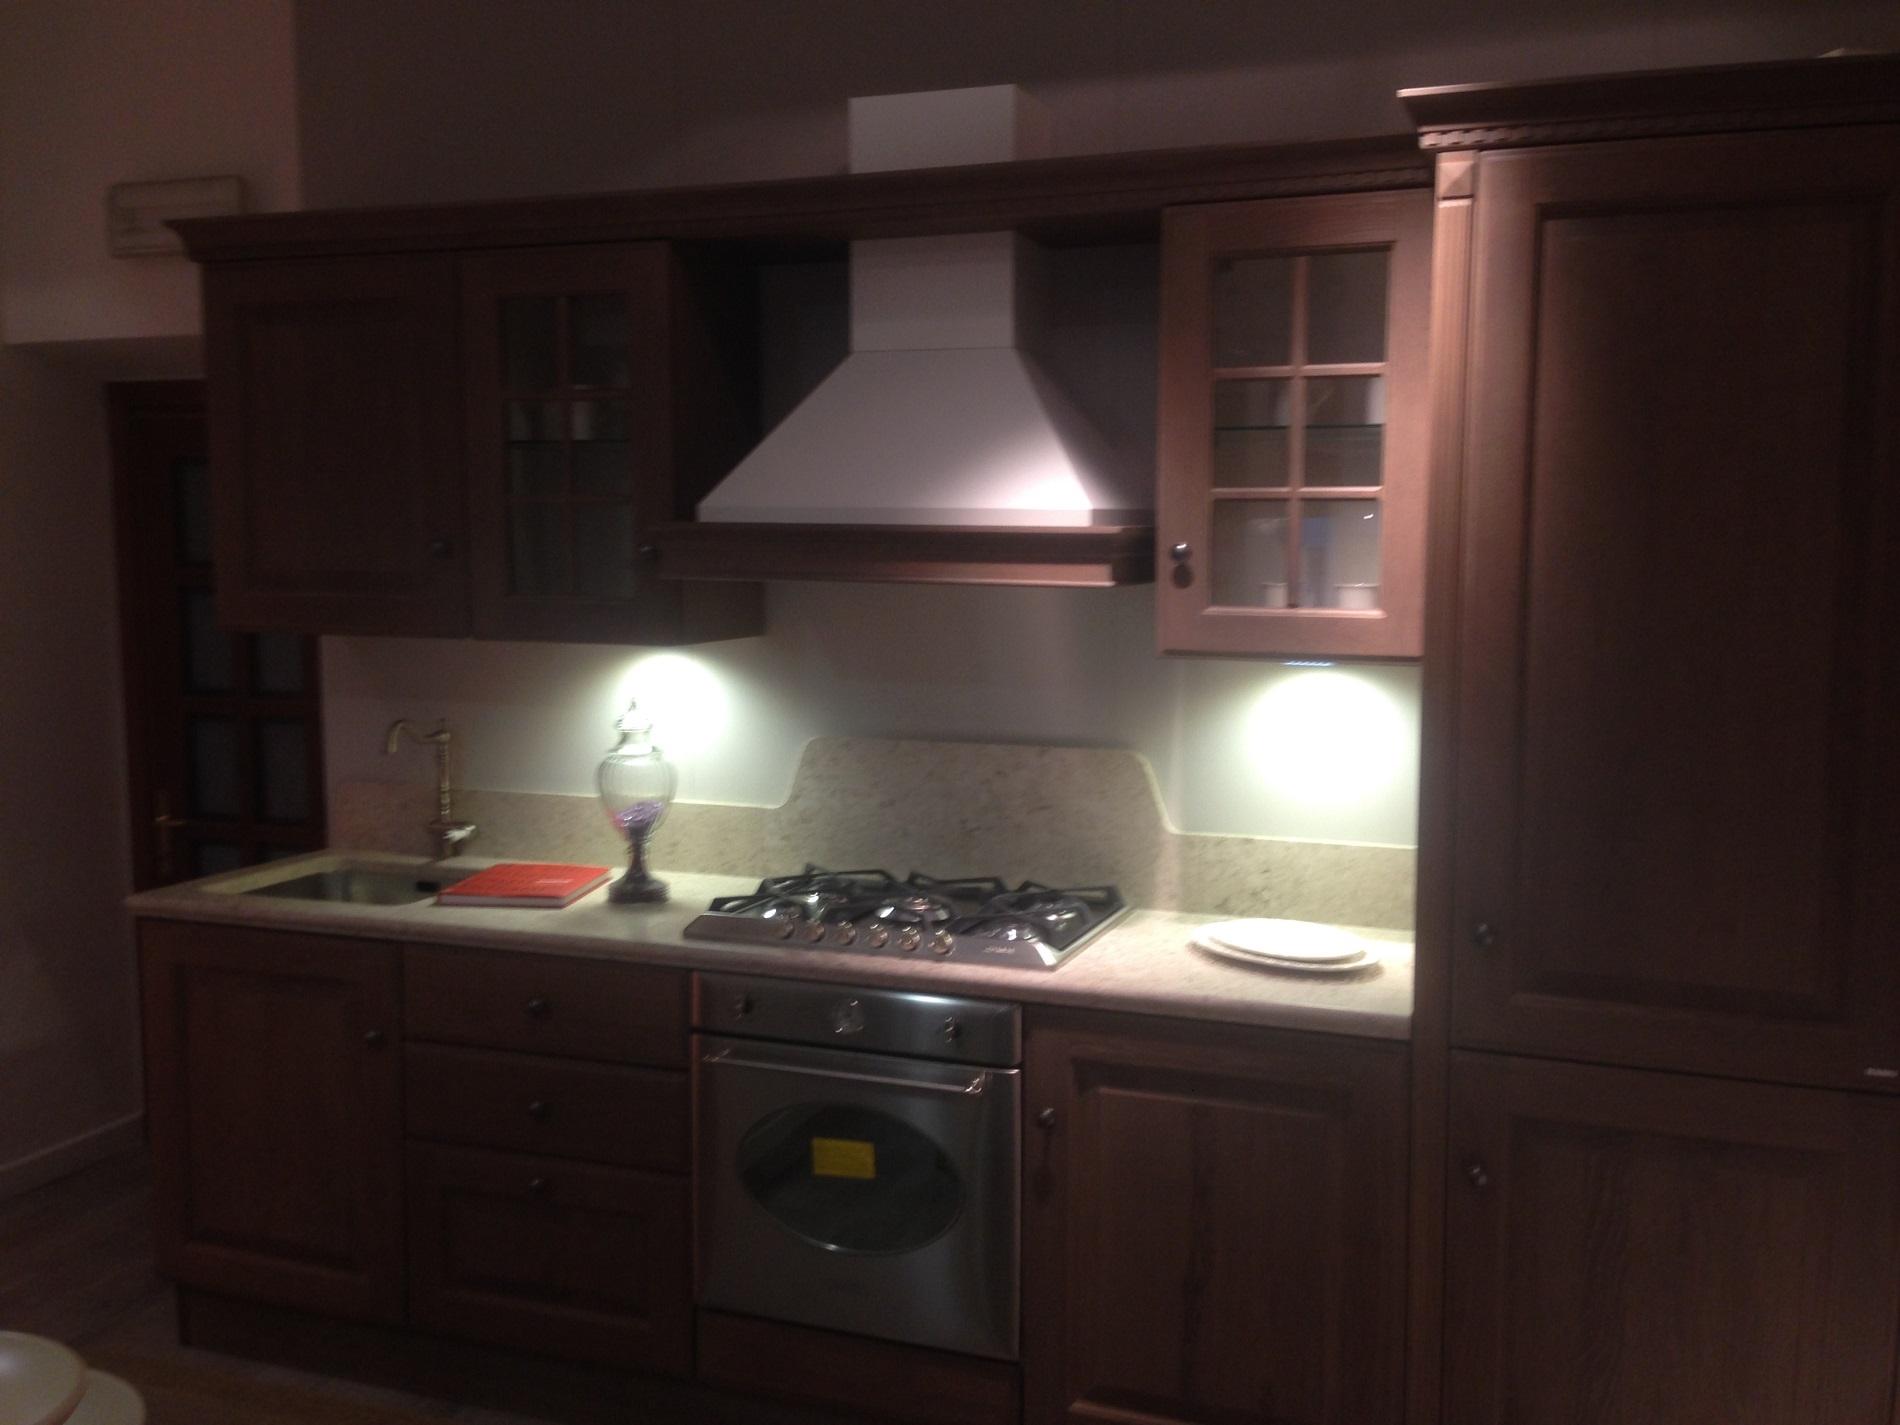 Scavolini cucina baltimora scontato del 50 cucine a prezzi scontati - Cucina scavolini baltimora ...